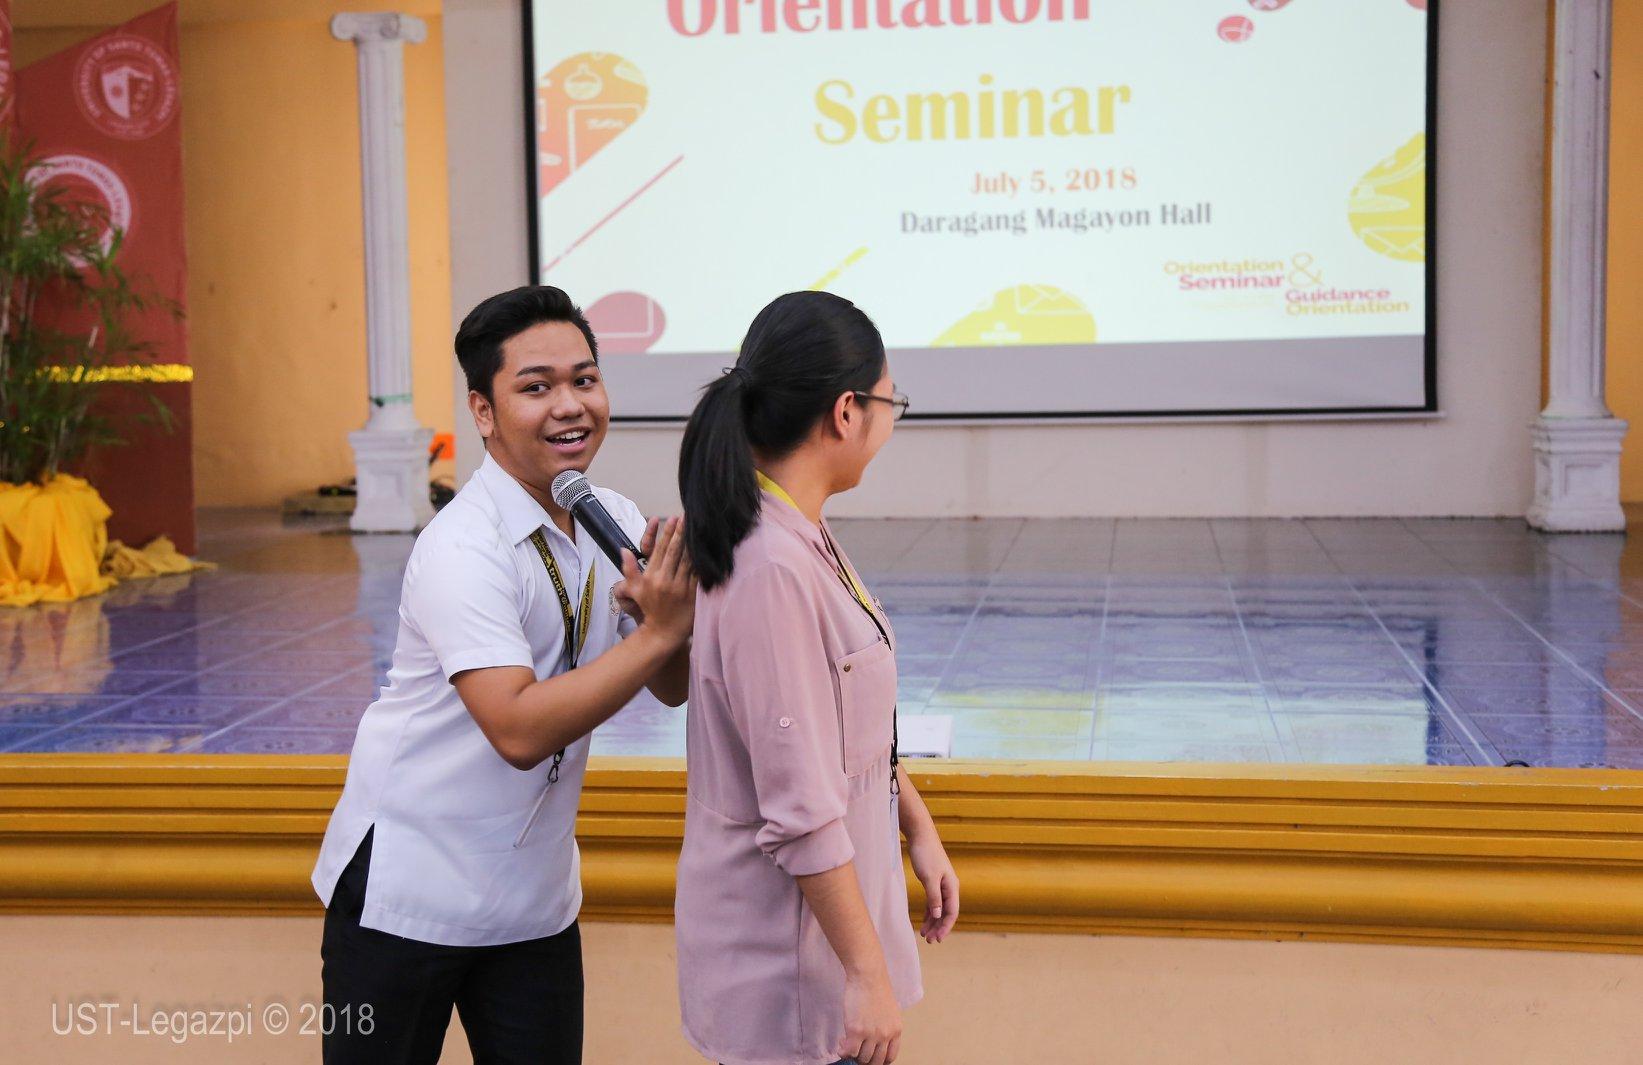 Orientation Seminar & Guidance Orientation